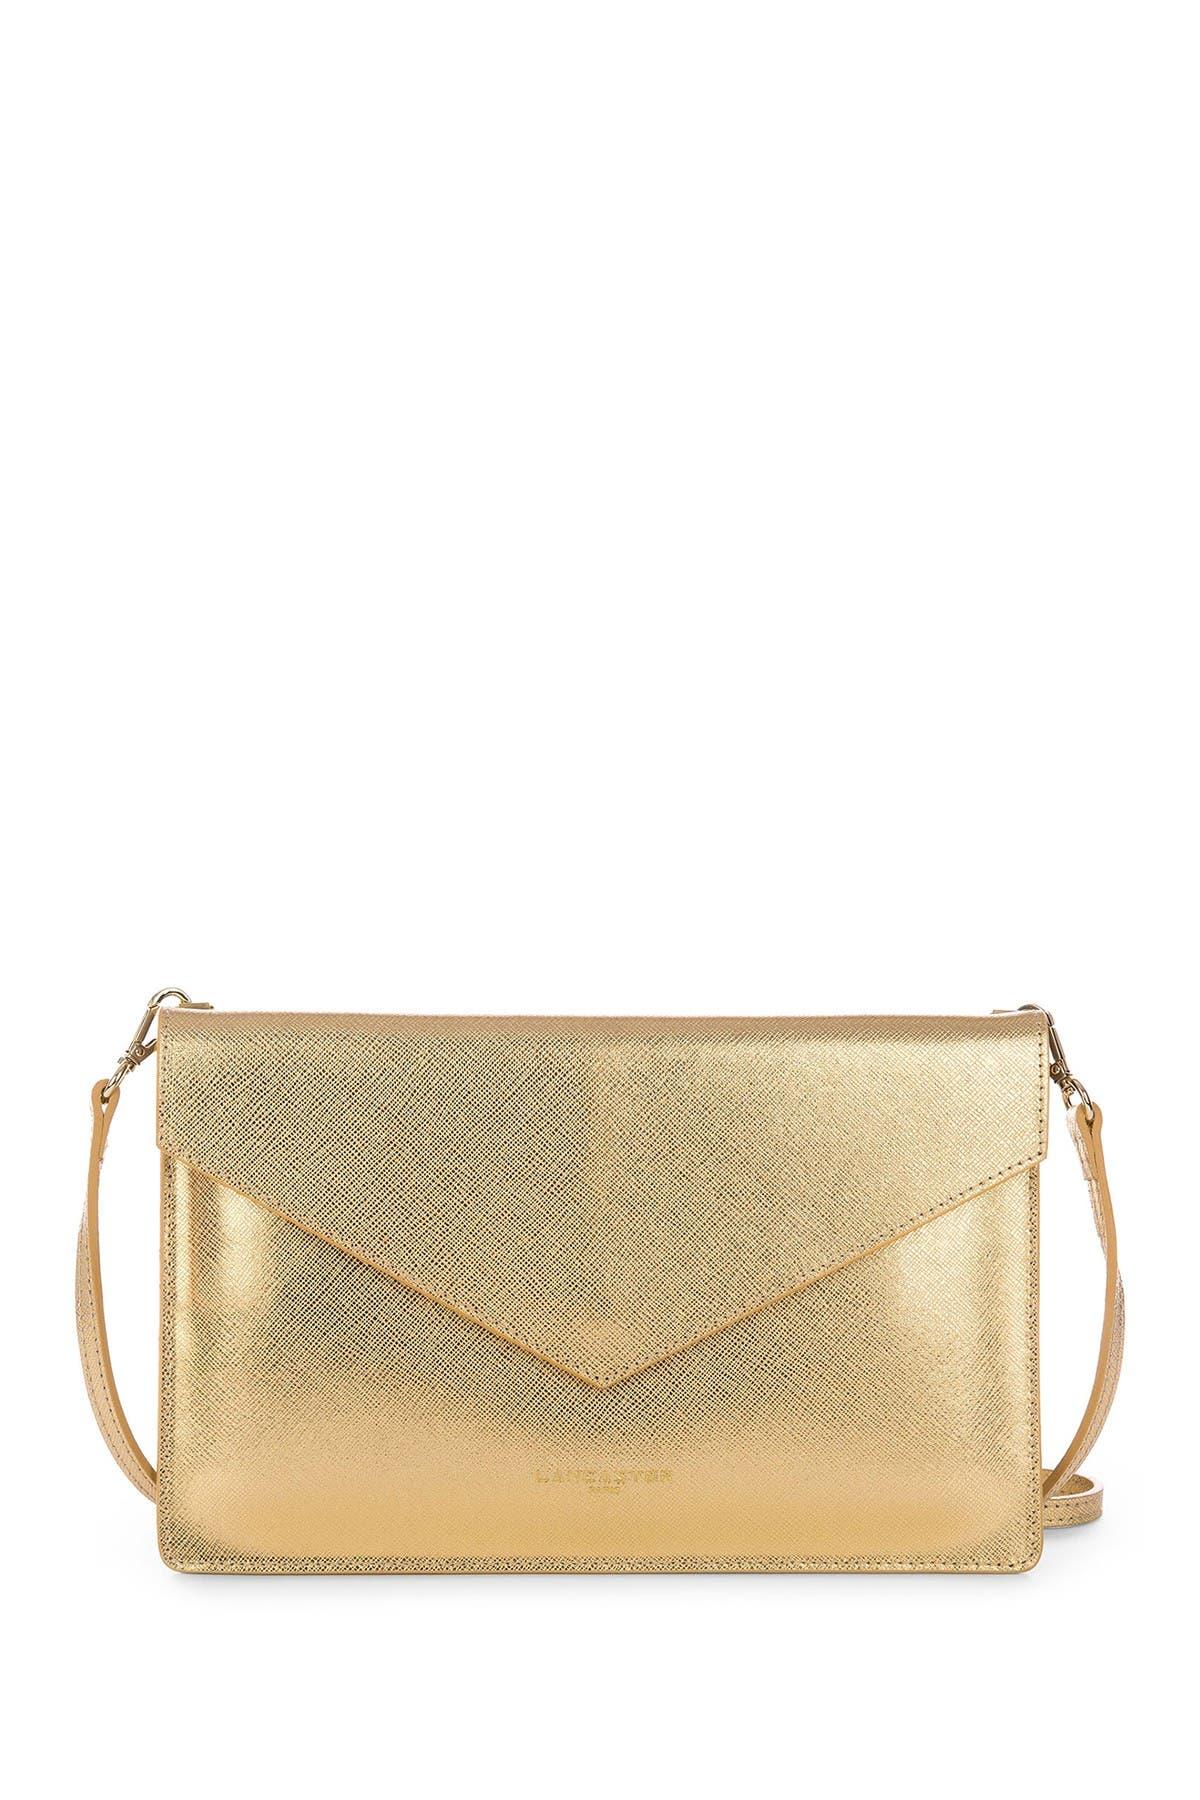 Image of Lancaster Paris Element Saffiano Leather Clutch